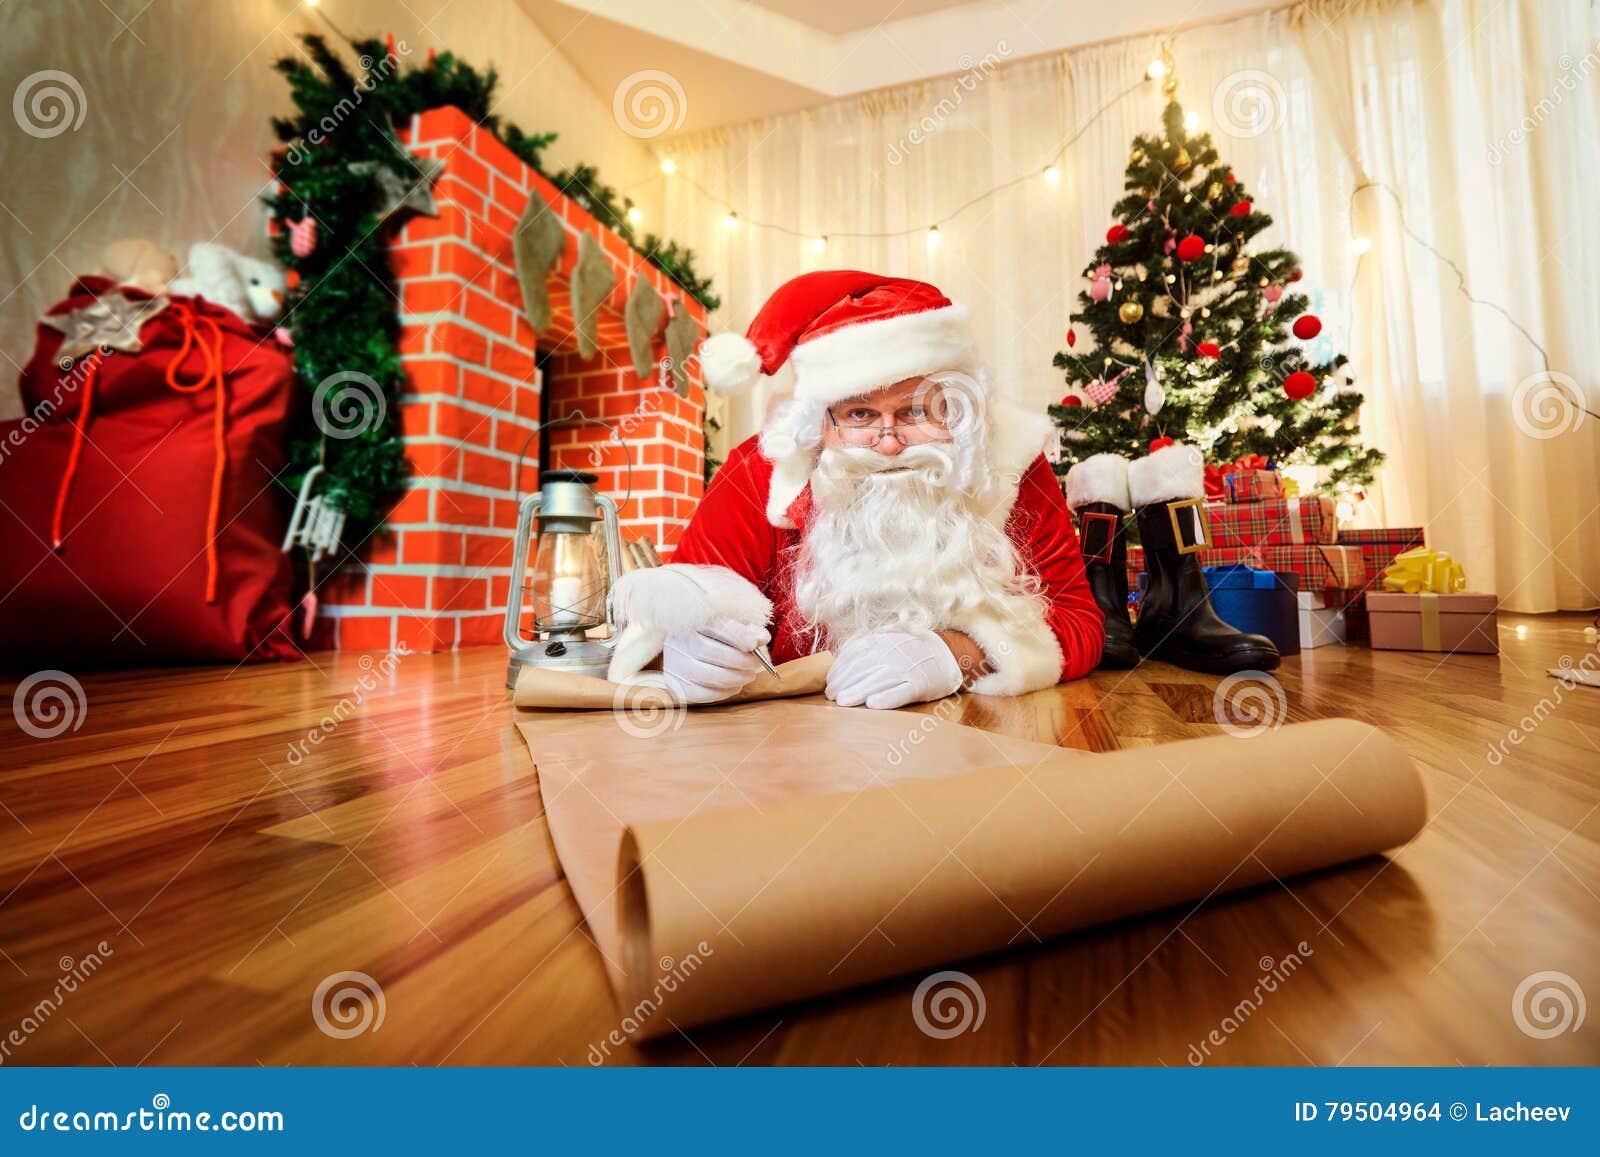 Santa Claus en la Navidad, nuevo Year& x27; s Eve escribió una lista de los regalos t